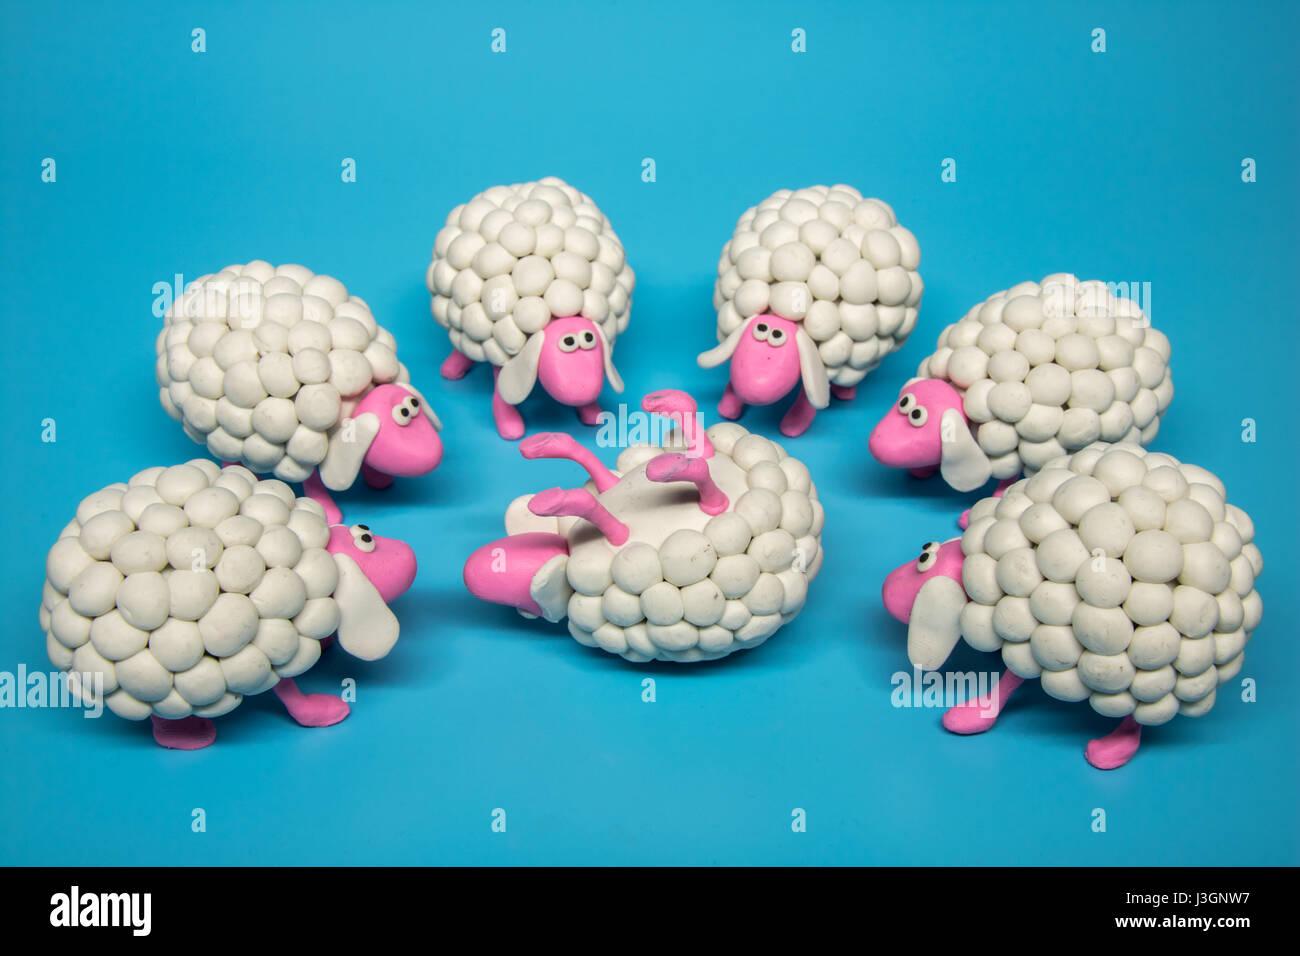 Concetto - un gruppo di pecore bianche si radunano in cerchio intorno a un unico bianco pecore, giacente sulla sua Immagini Stock